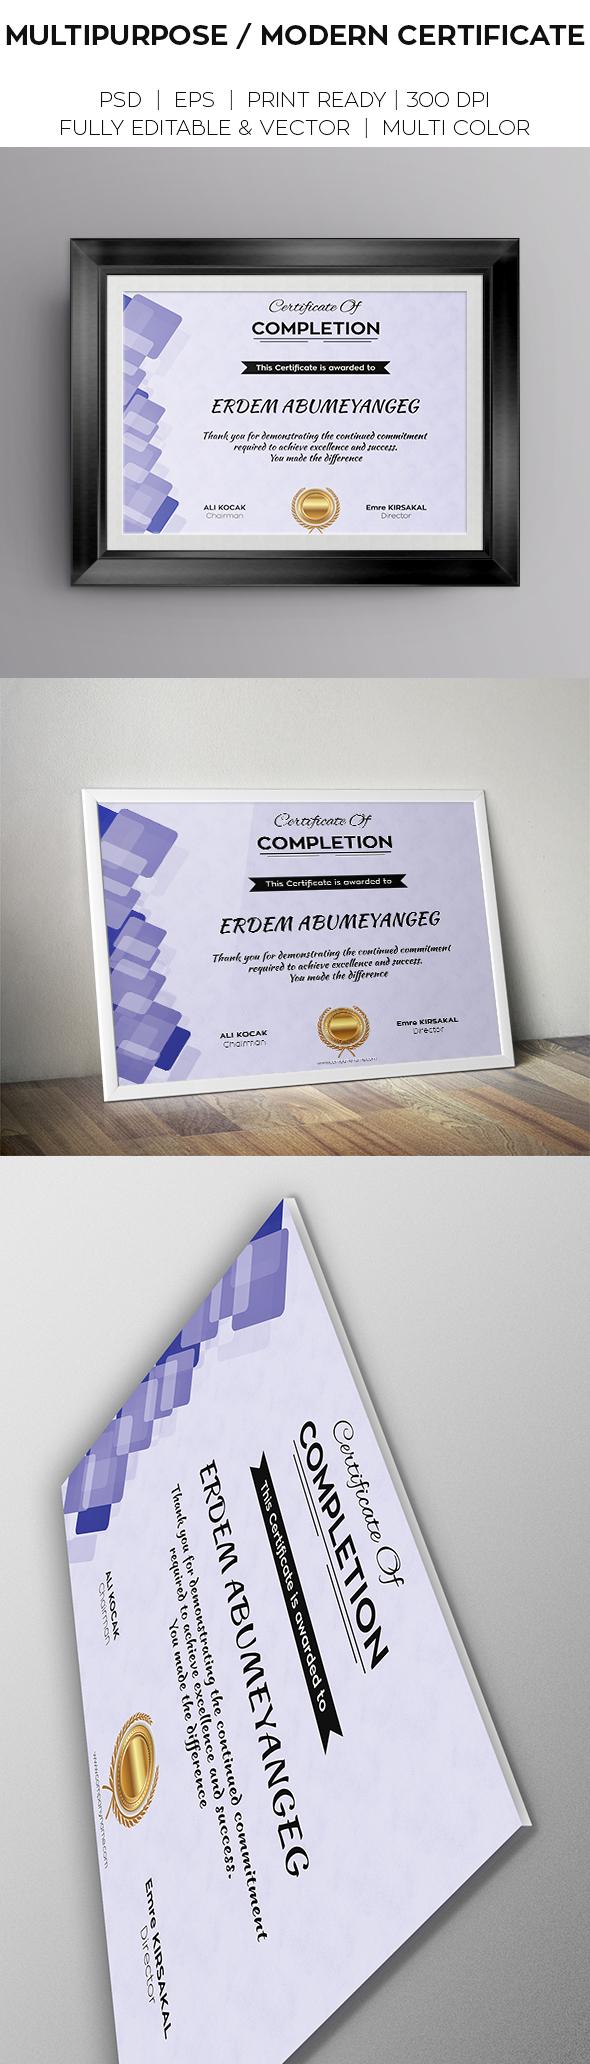 certificate certificate free free template certificate envato certificate